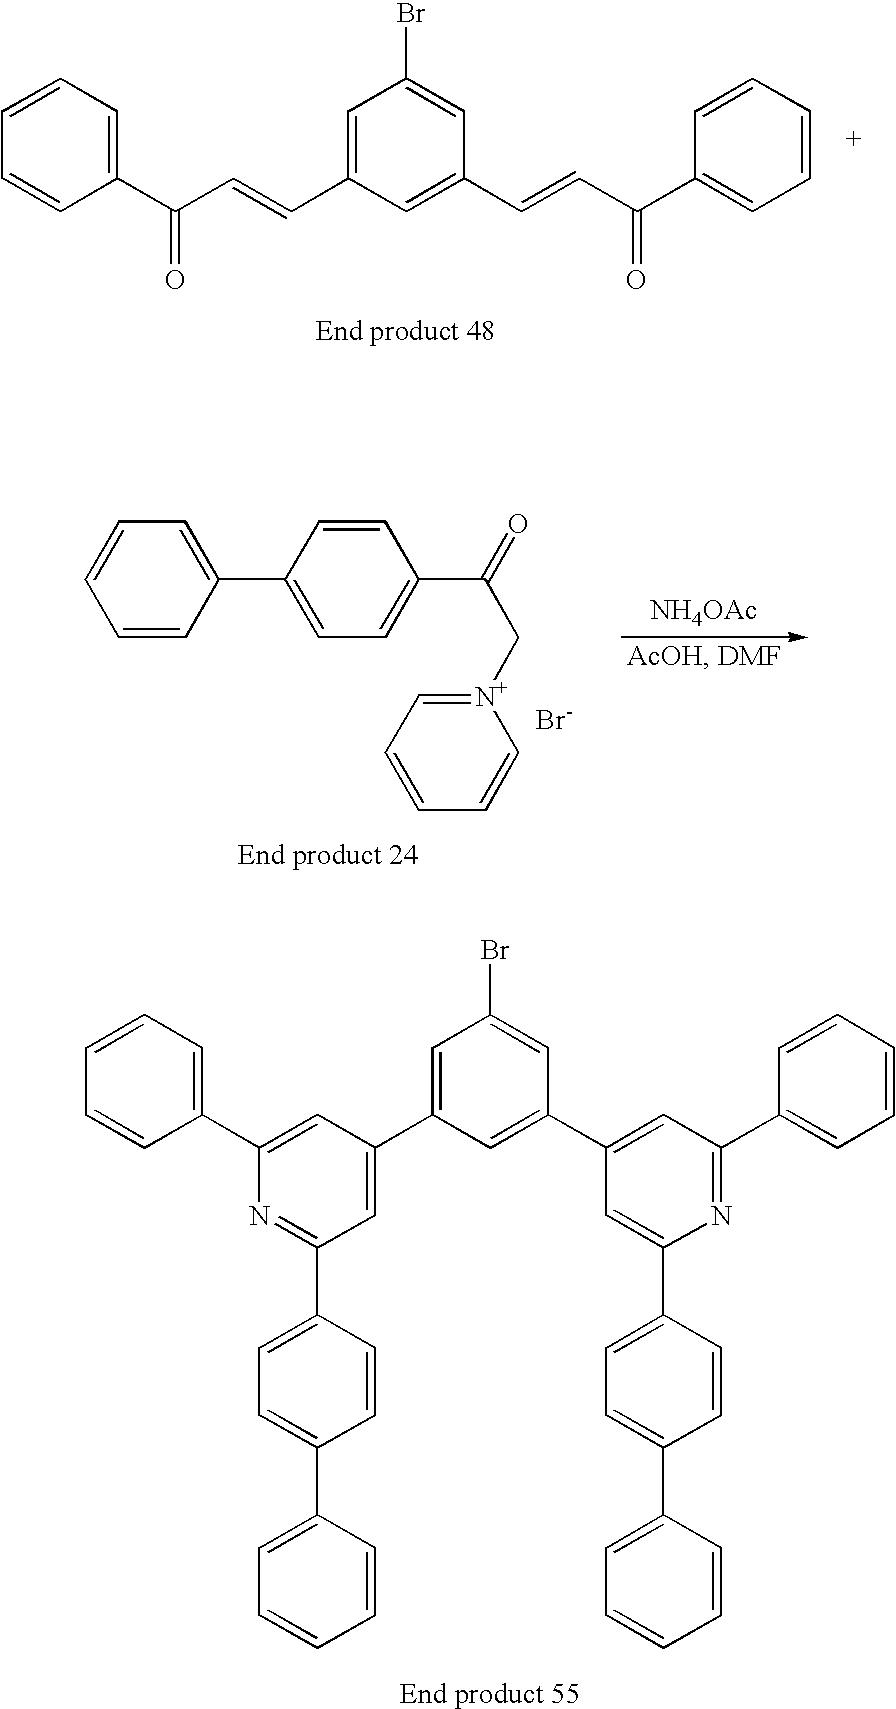 Figure US20060186796A1-20060824-C00169